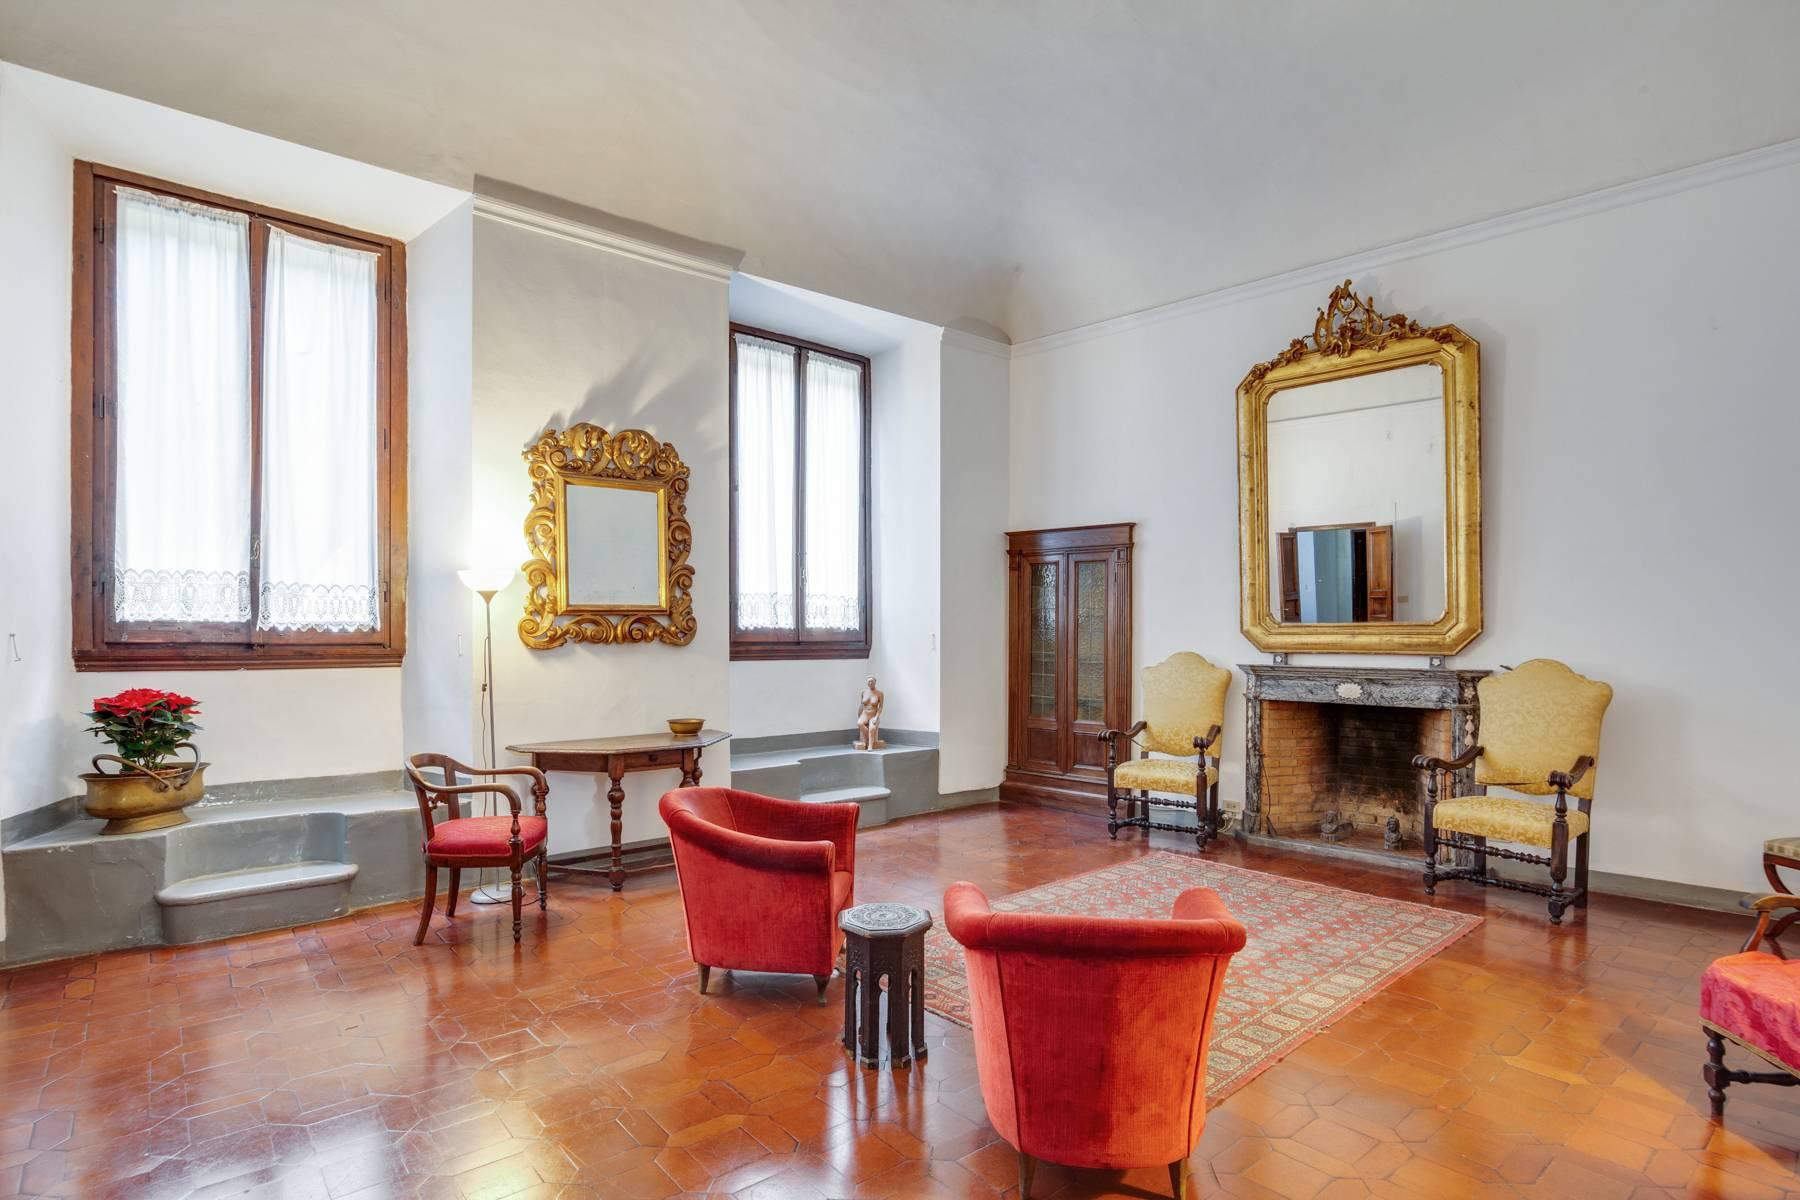 Appartamento in Vendita a Firenze: 5 locali, 210 mq - Foto 1